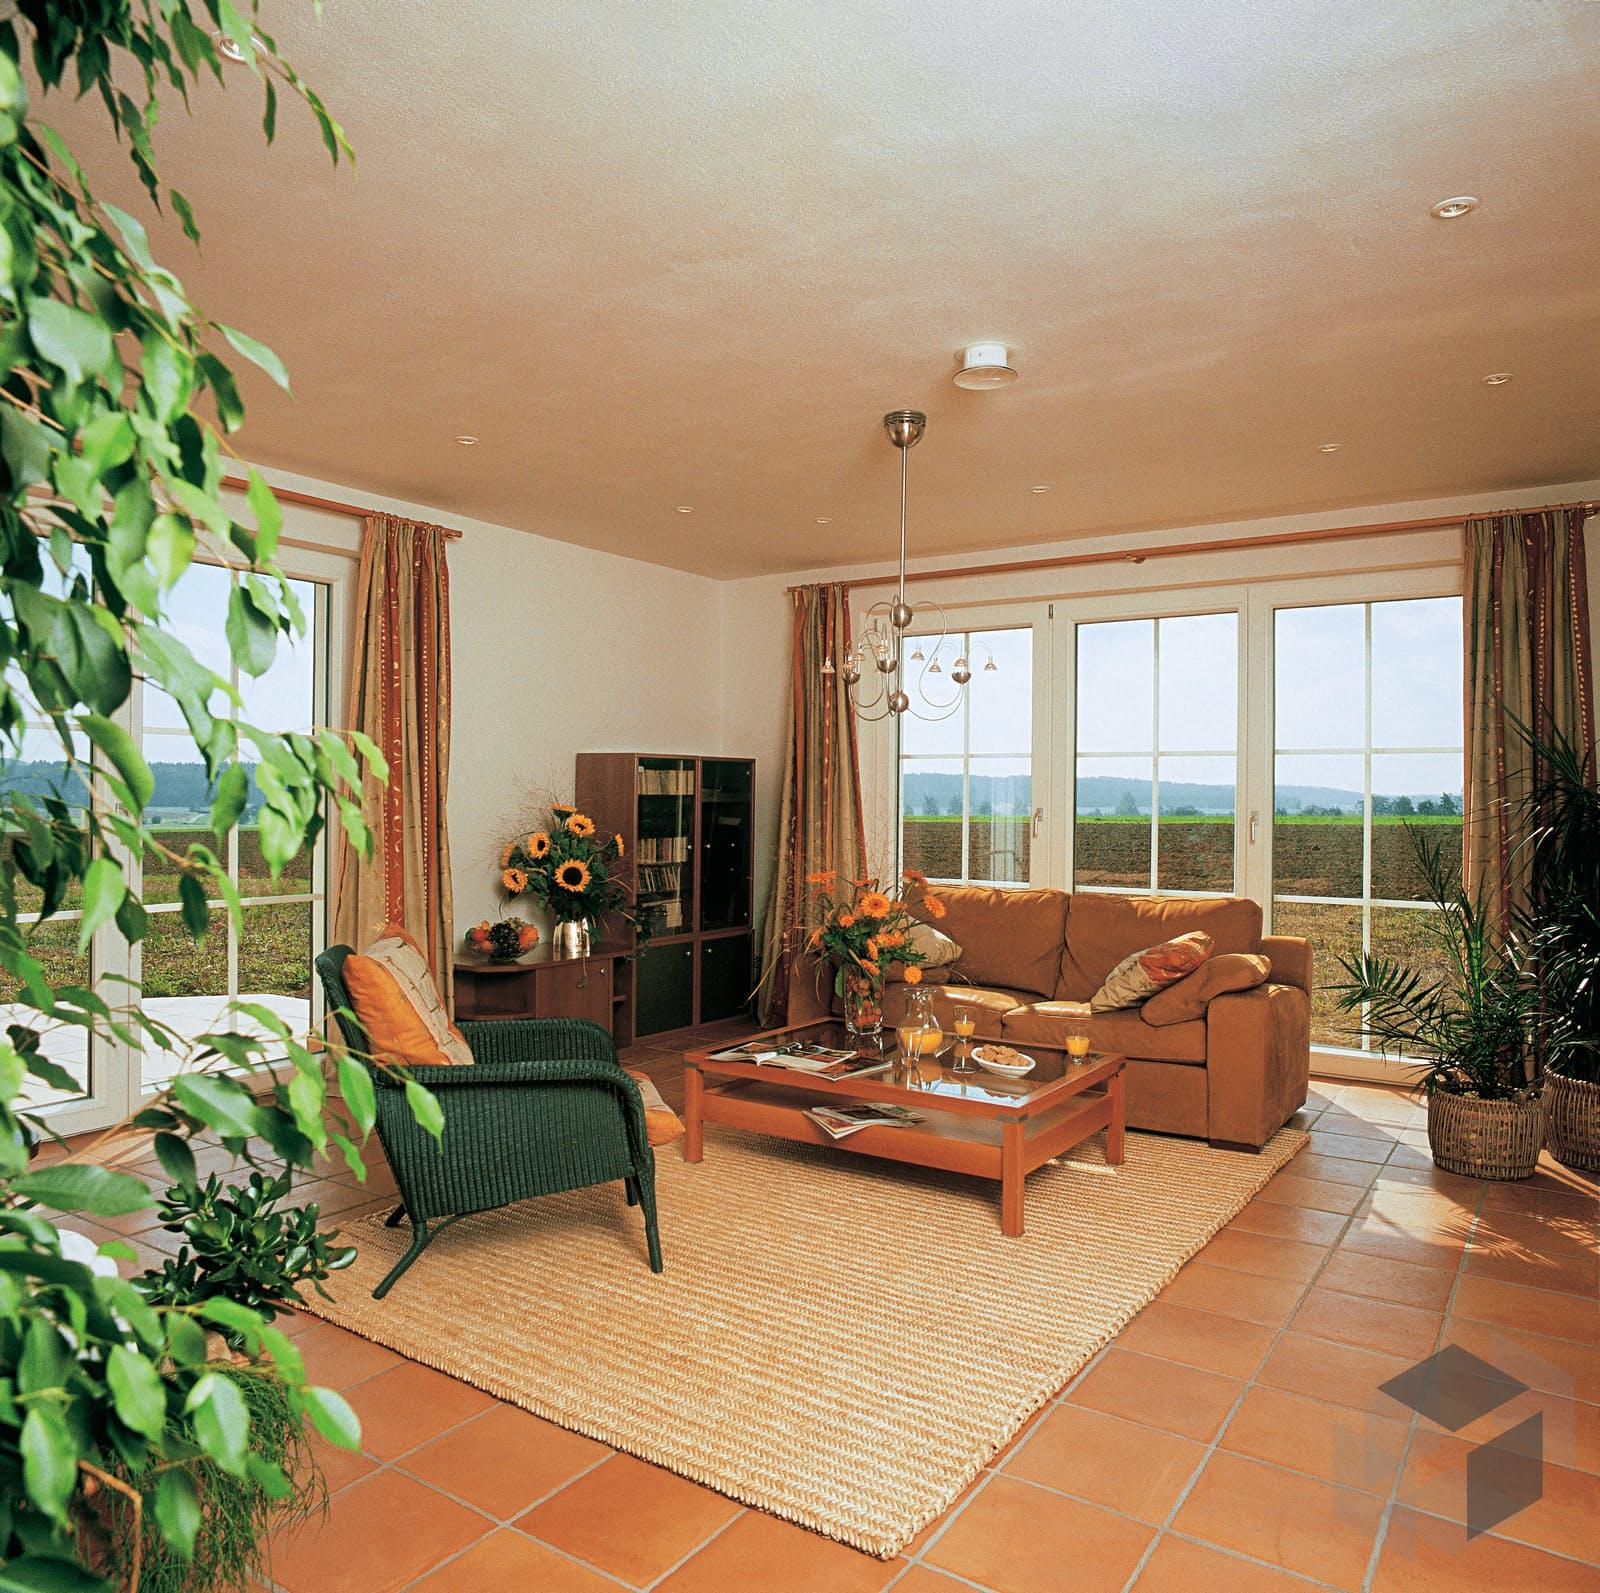 villa mediterrana von keitel haus komplette daten bersicht. Black Bedroom Furniture Sets. Home Design Ideas